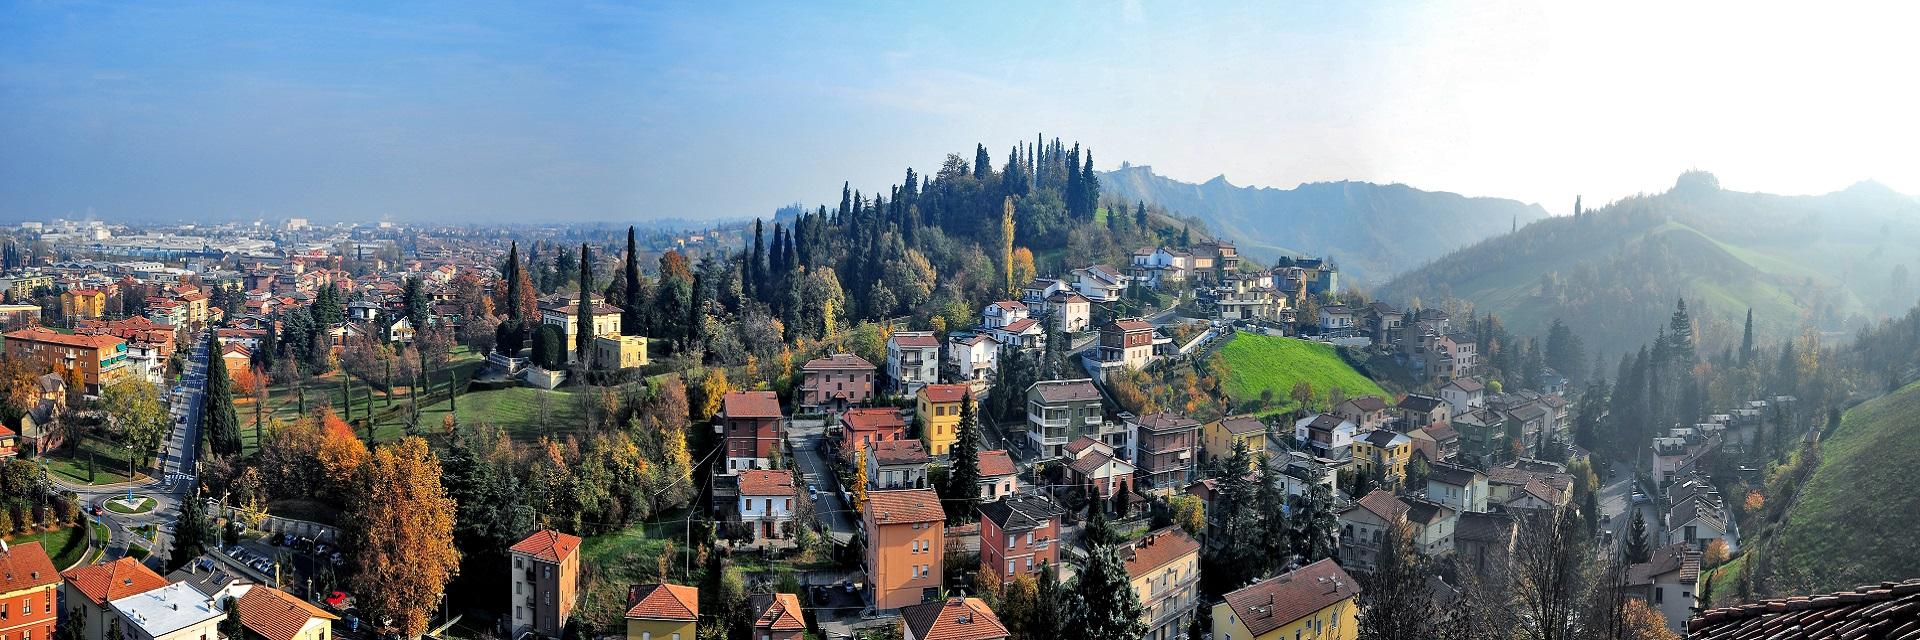 Panoramica dal Santuario.jpg